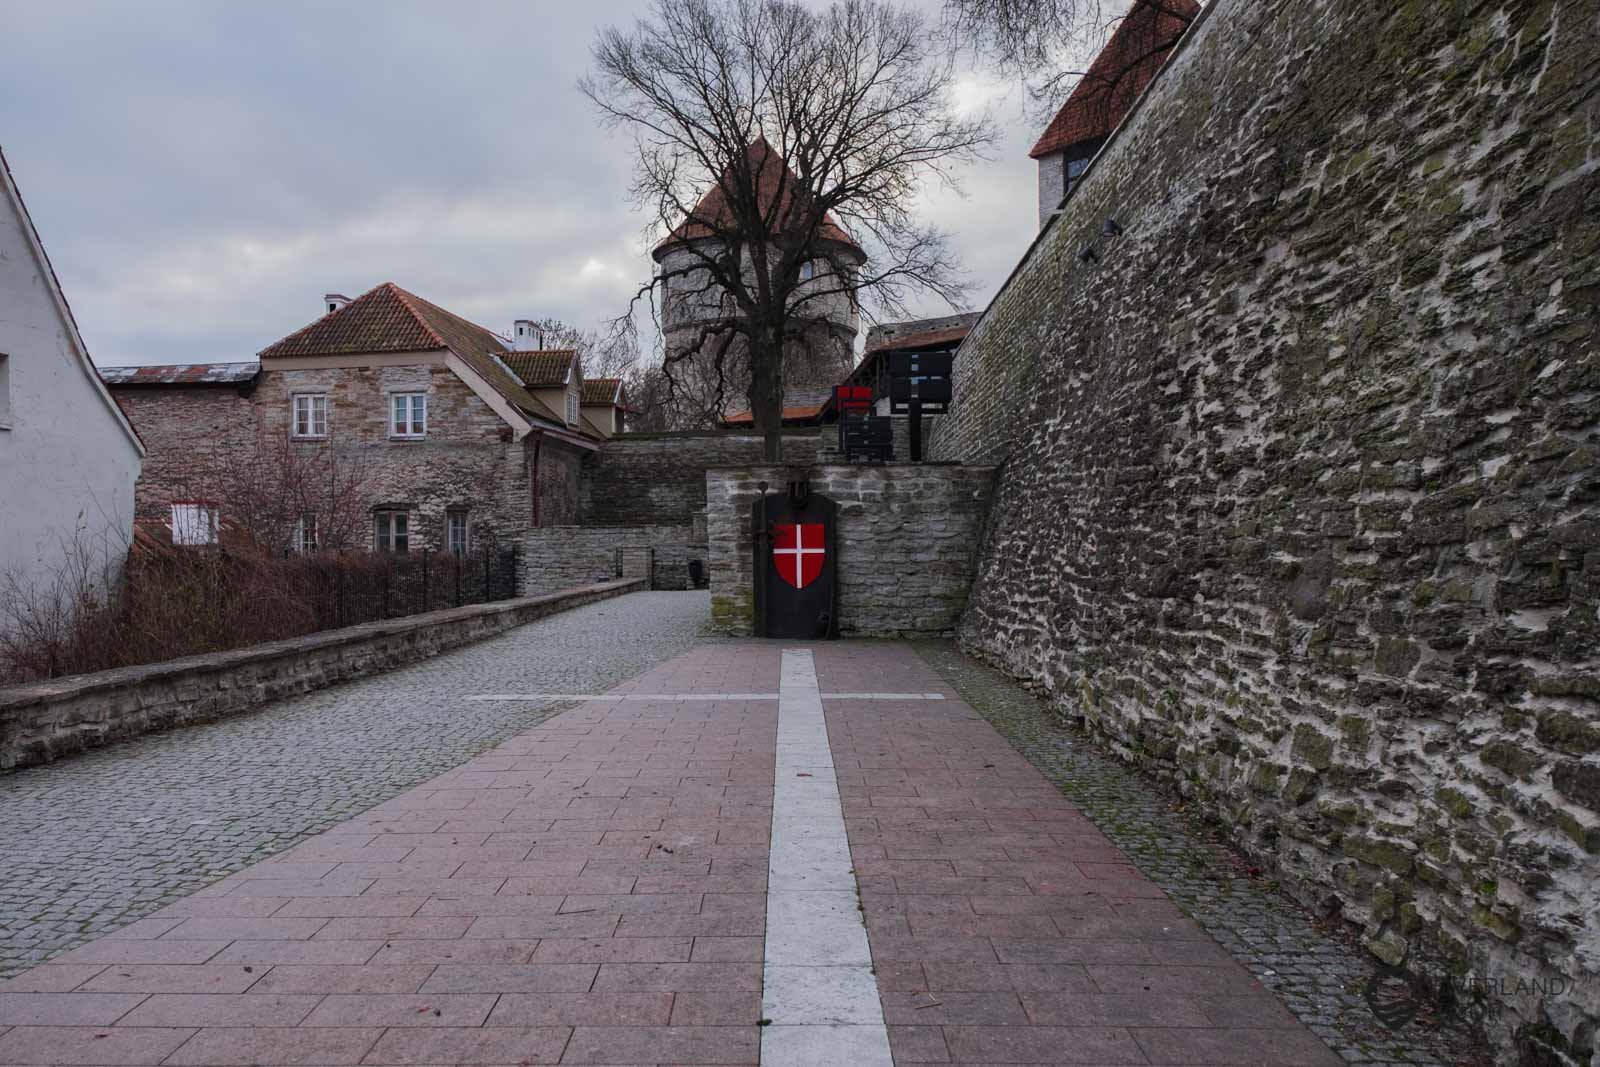 Der Garten des dänischen Königs liegt in der Altstadt von Tallinn, laut Legende fiel eine Flagge aus dem Himmel, die später die Nationalflagge Dänemarks wurde